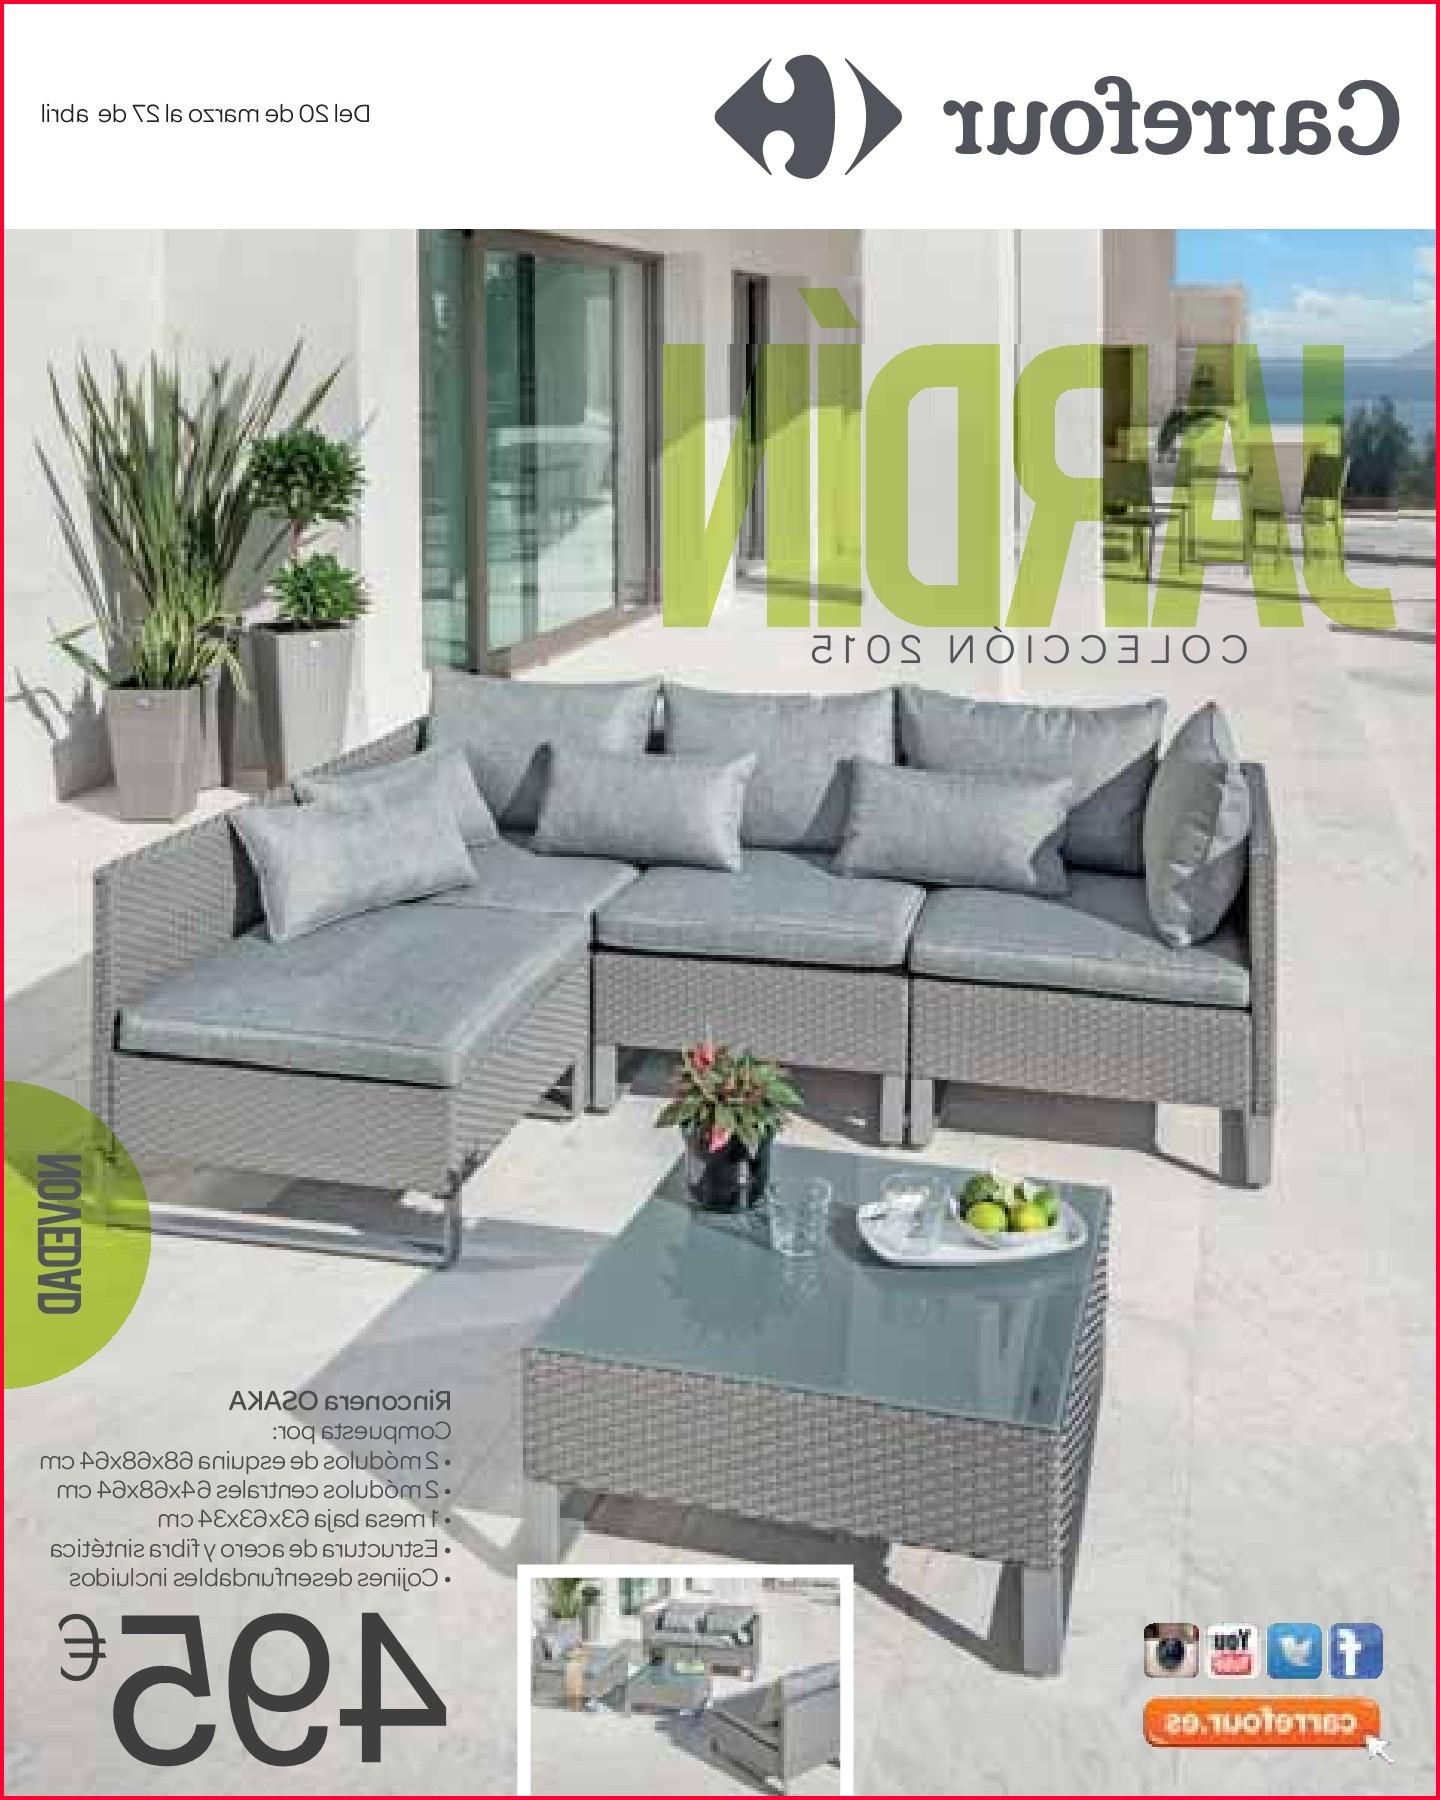 Muebles de jardin en carrefour 16 muebles de jardin en for Ofertas muebles de jardin carrefour